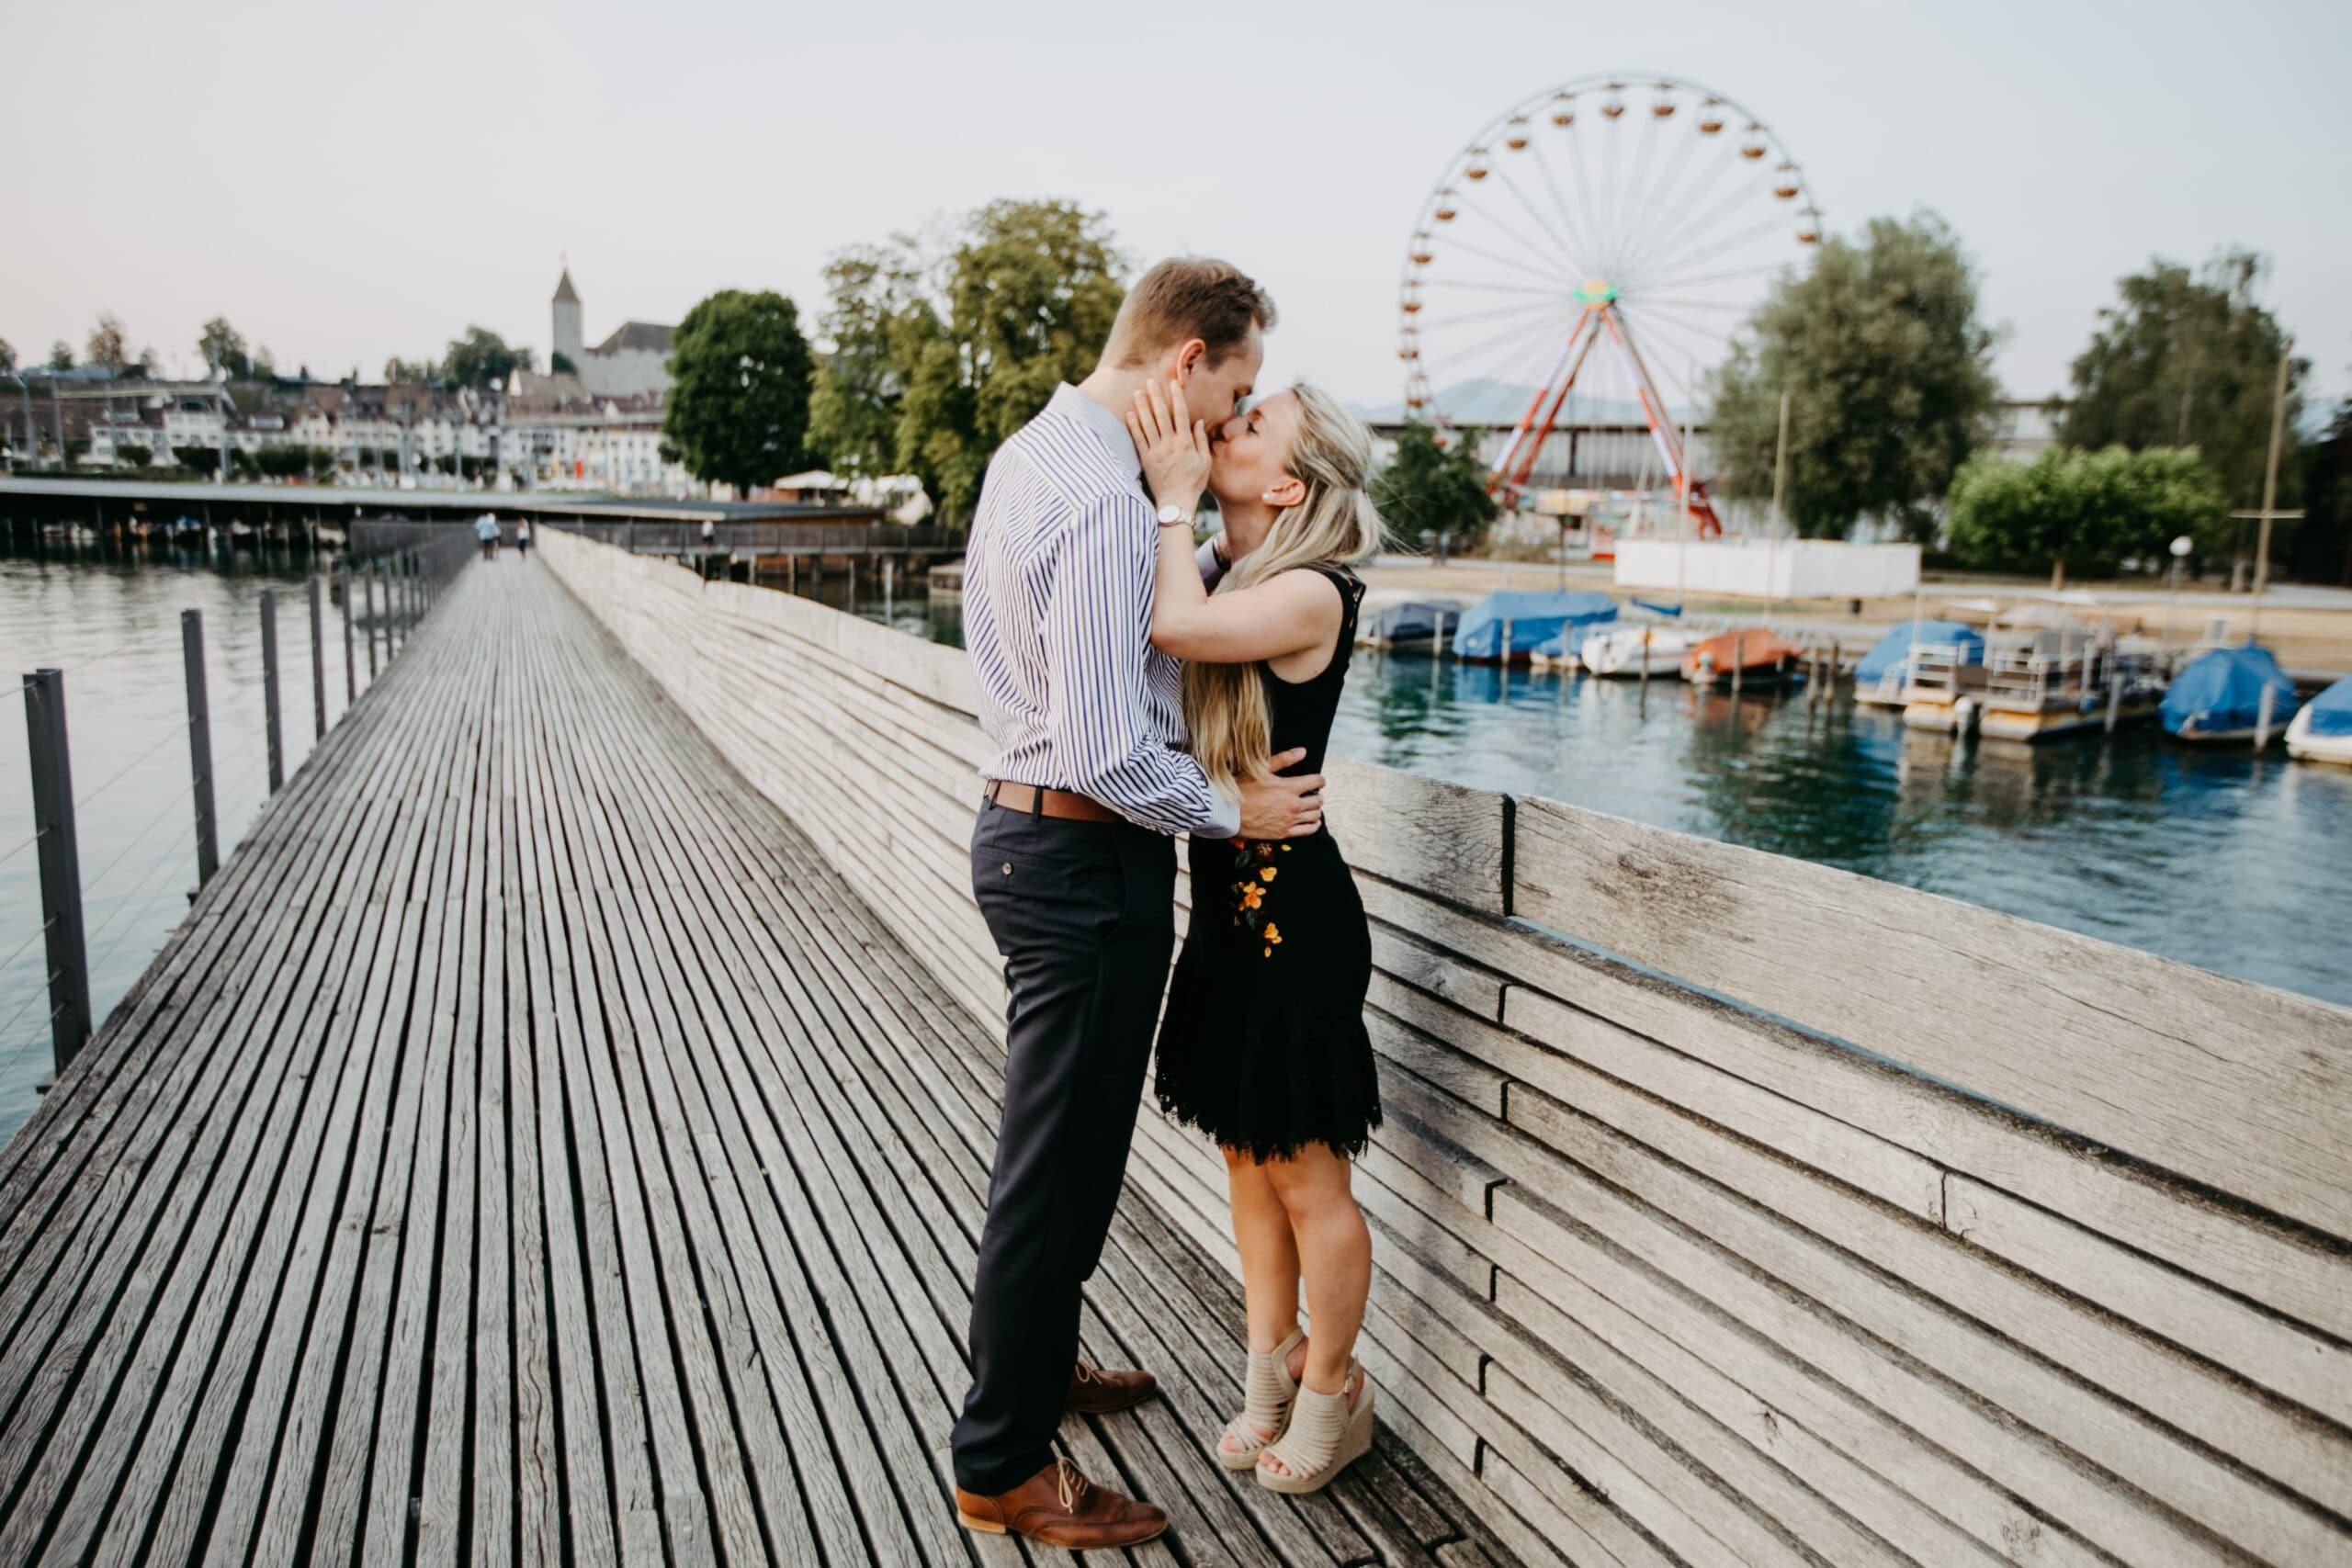 Verlobungs Fotoshooting, Verlobungsshooting, Paar Fotoshooting Zürich, Engagement Shooting Zürich